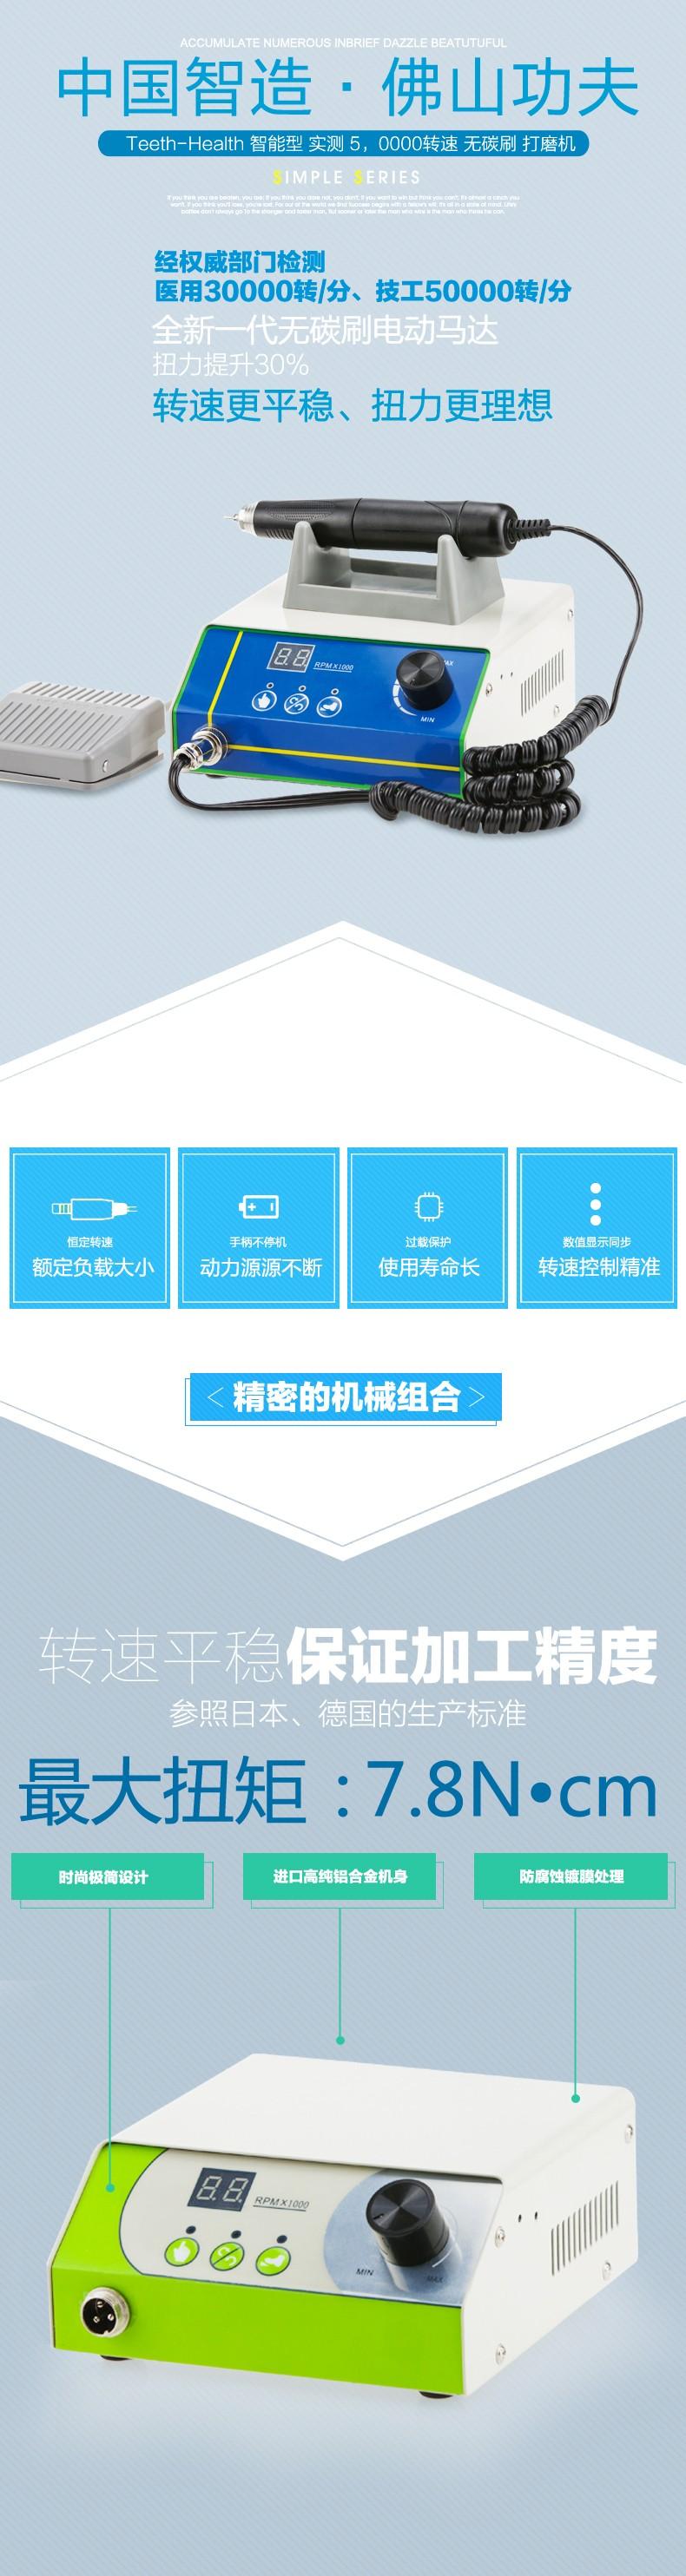 图层 1.jpg